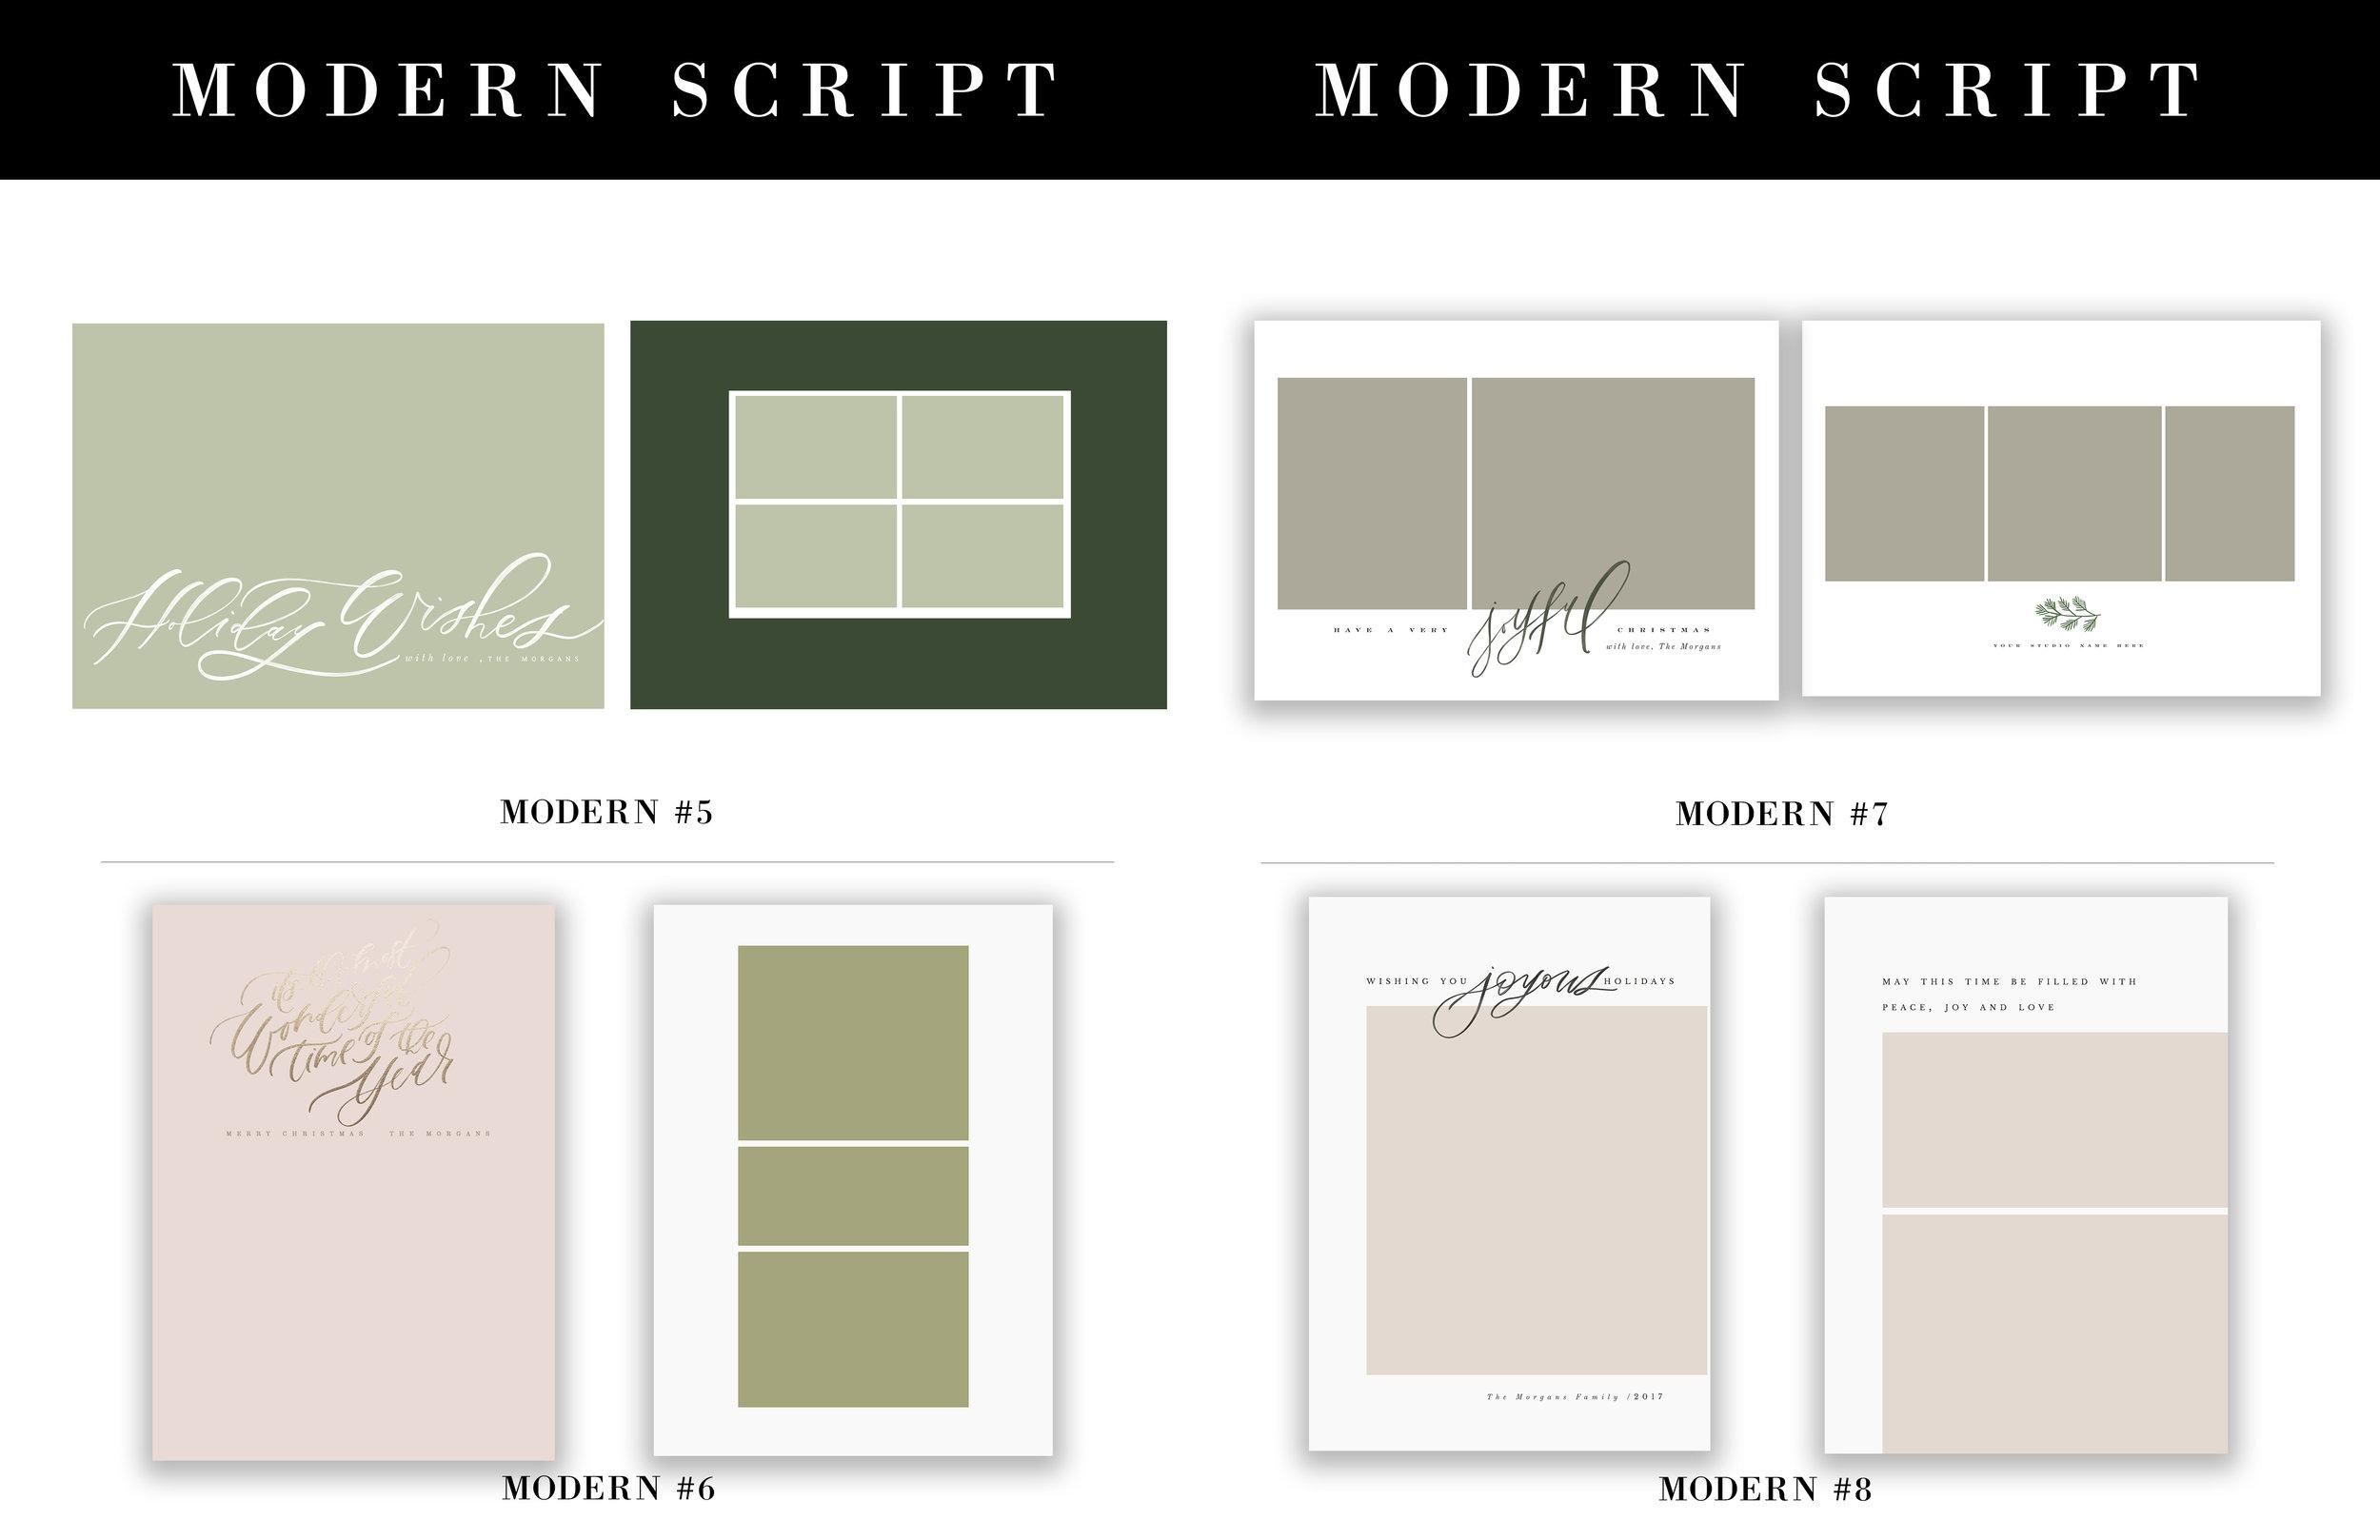 6-modernscript.jpg